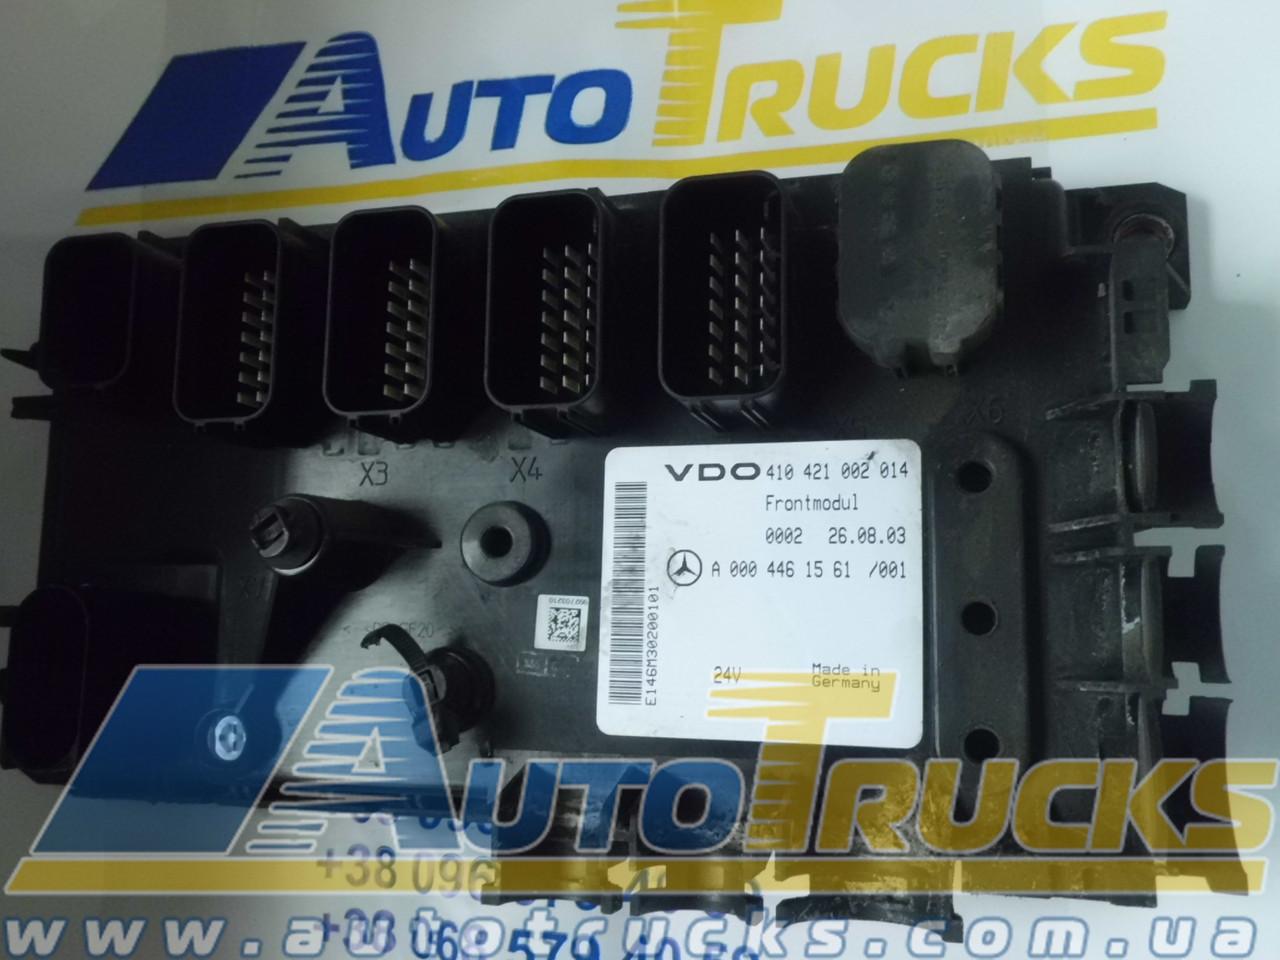 Блок управления VDO 410421002014; MB 0004461561 Б/у для Mercedes-Benz (410421002014; 0004461561)